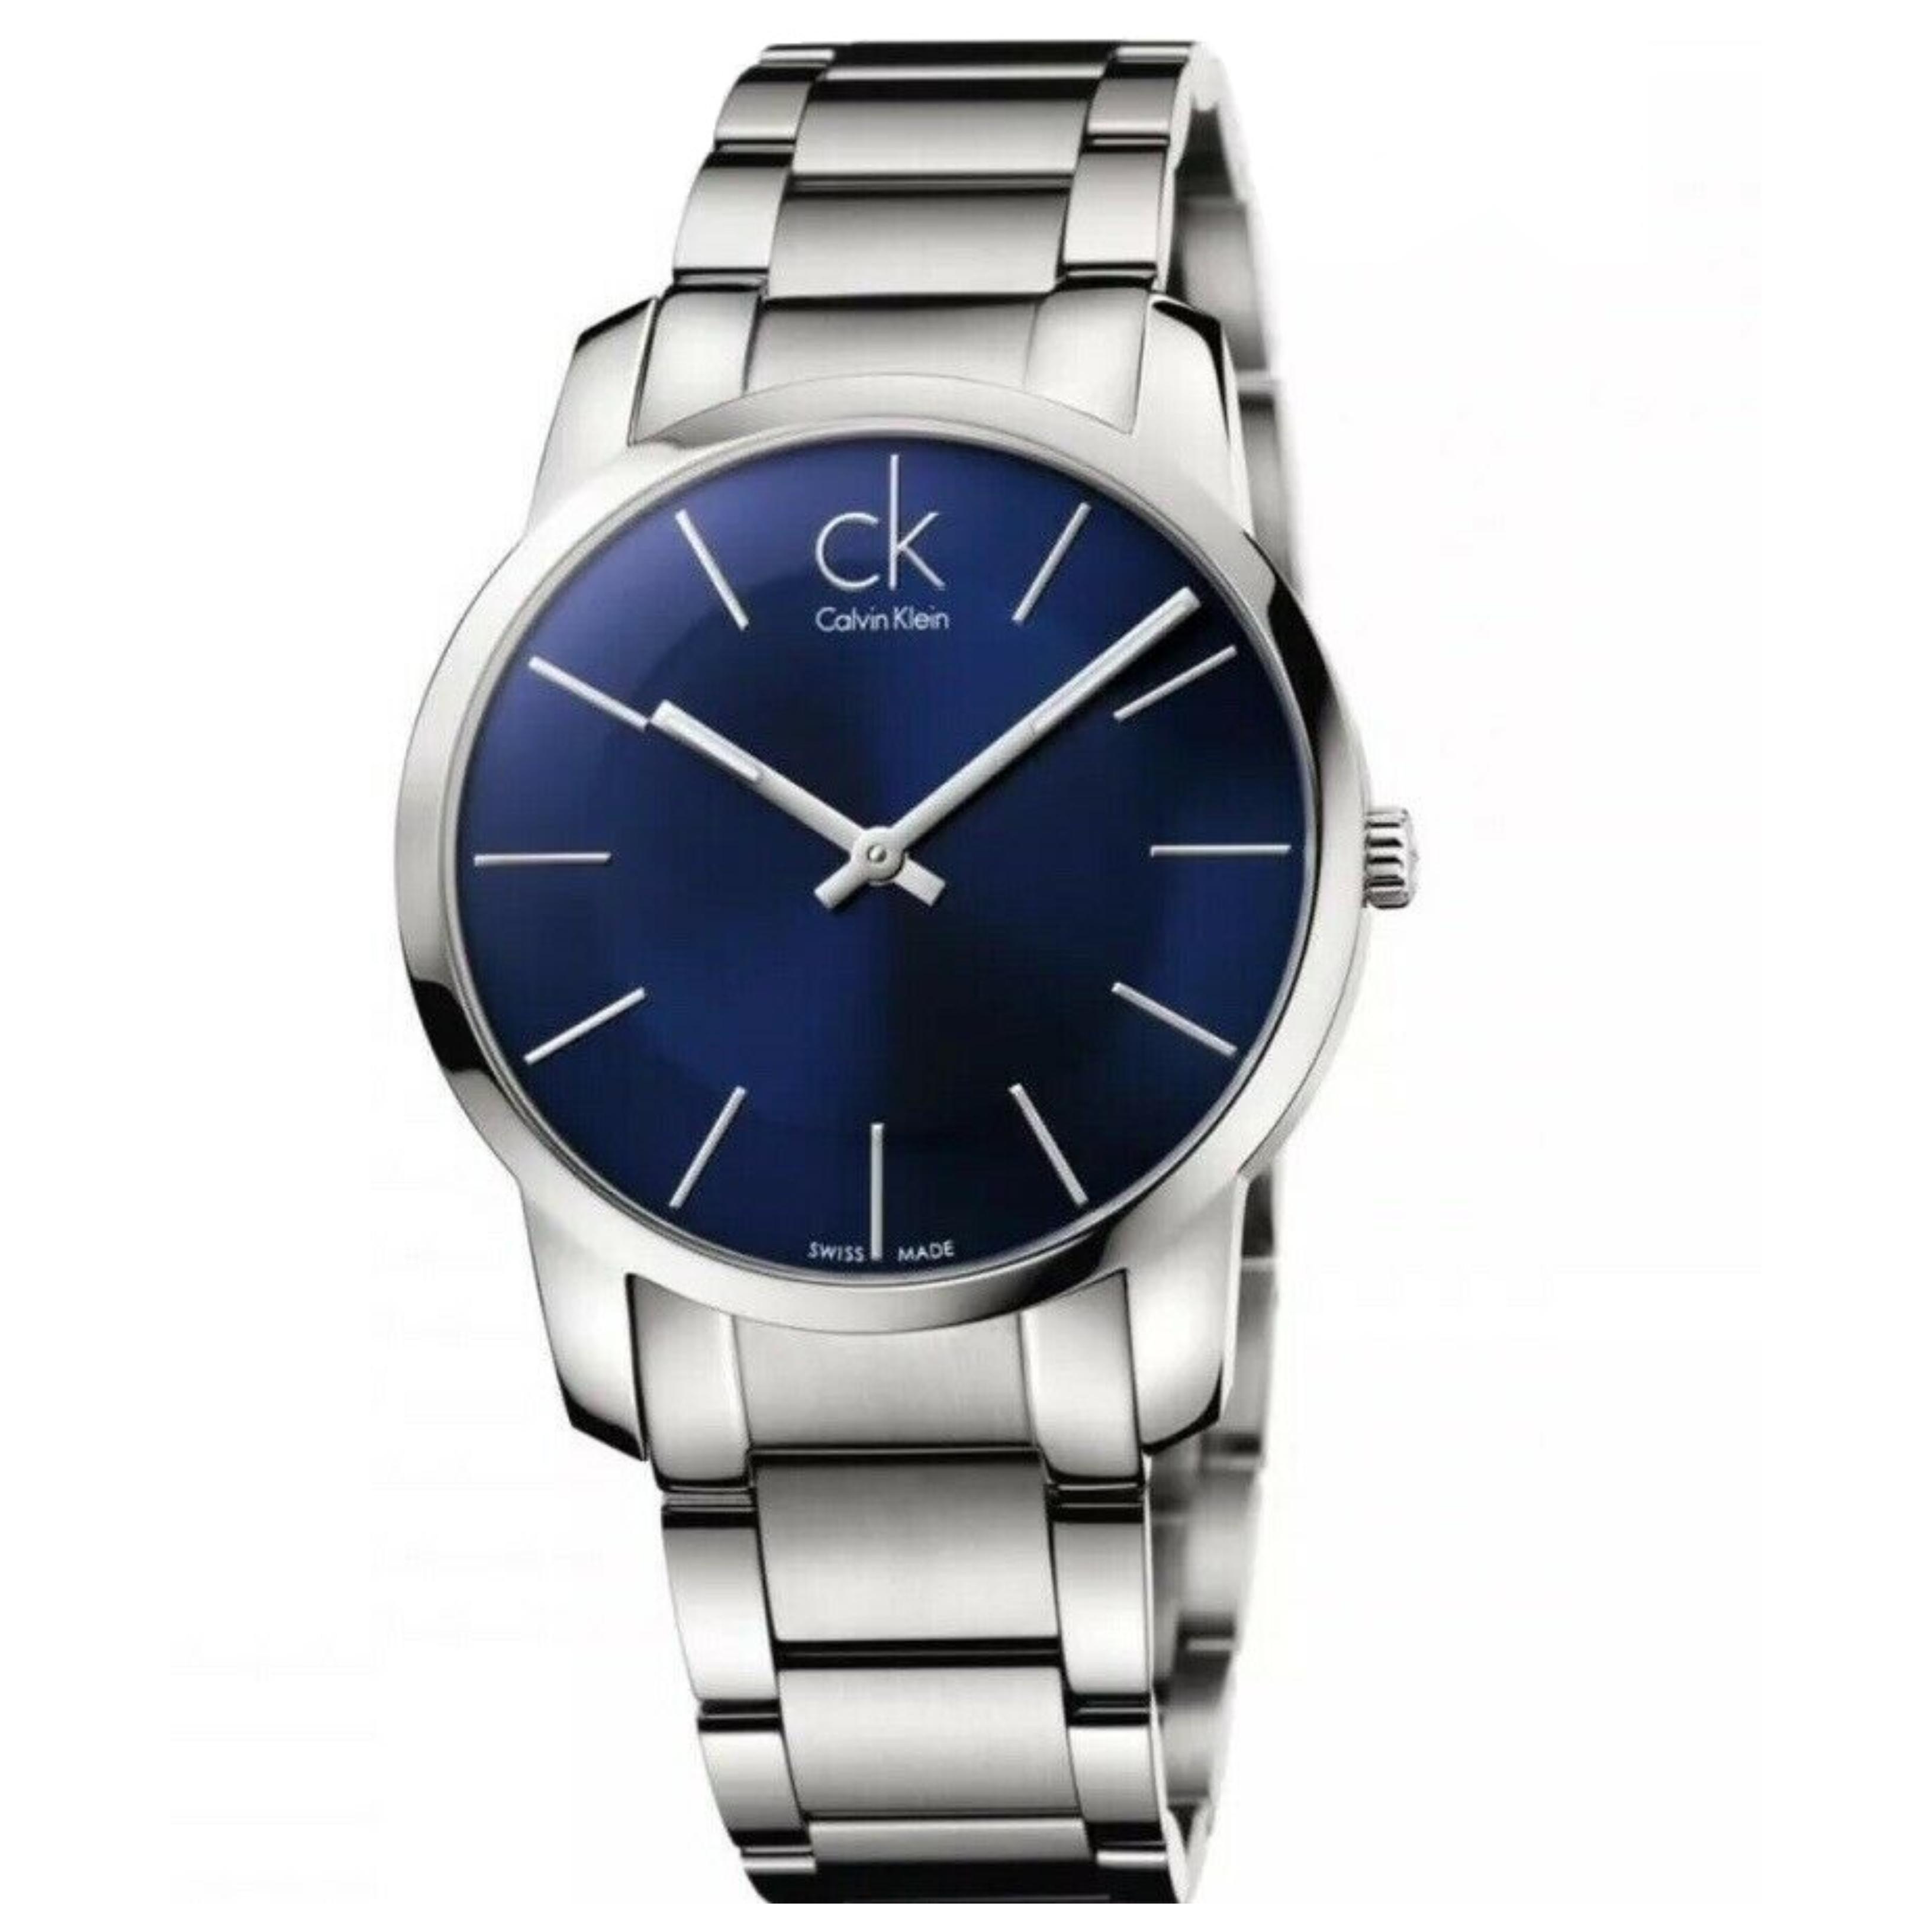 Calvin Klein City Men's Watch K2G2114N   Blue Round Dial   Stainless Steel Strap